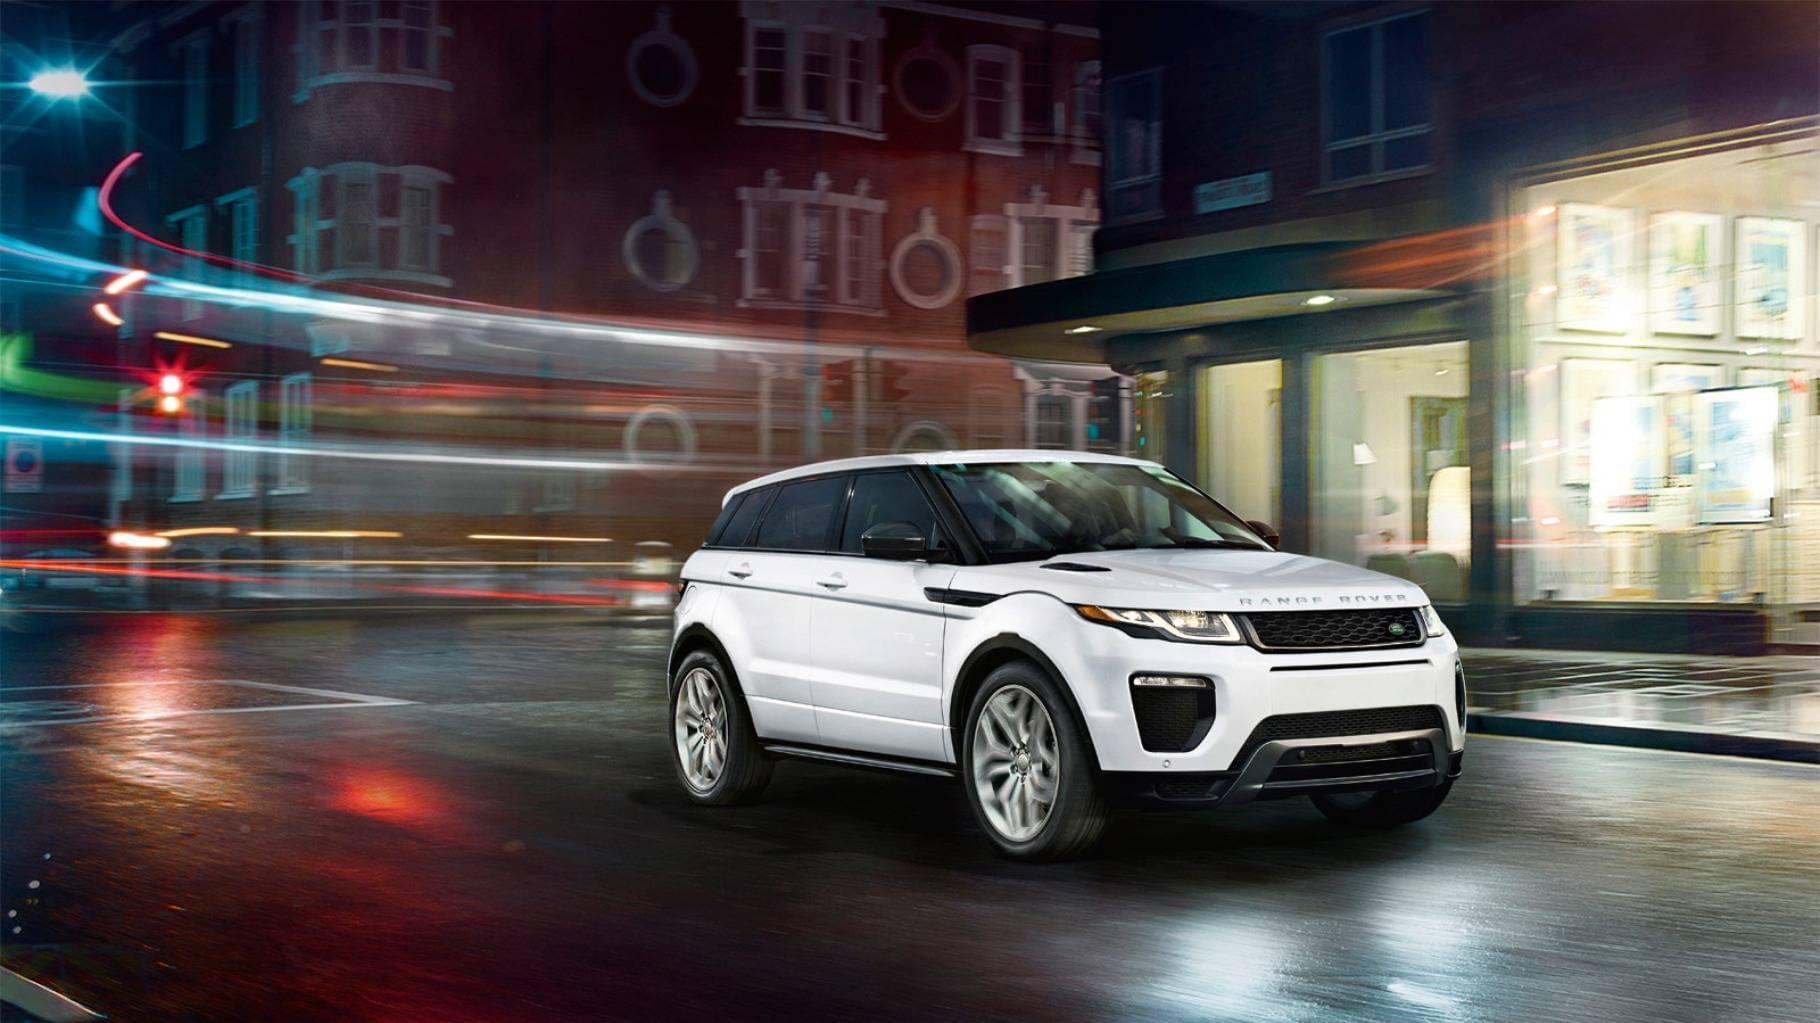 2017-Land-Rover-Range-Rover-Evoque-Exterior